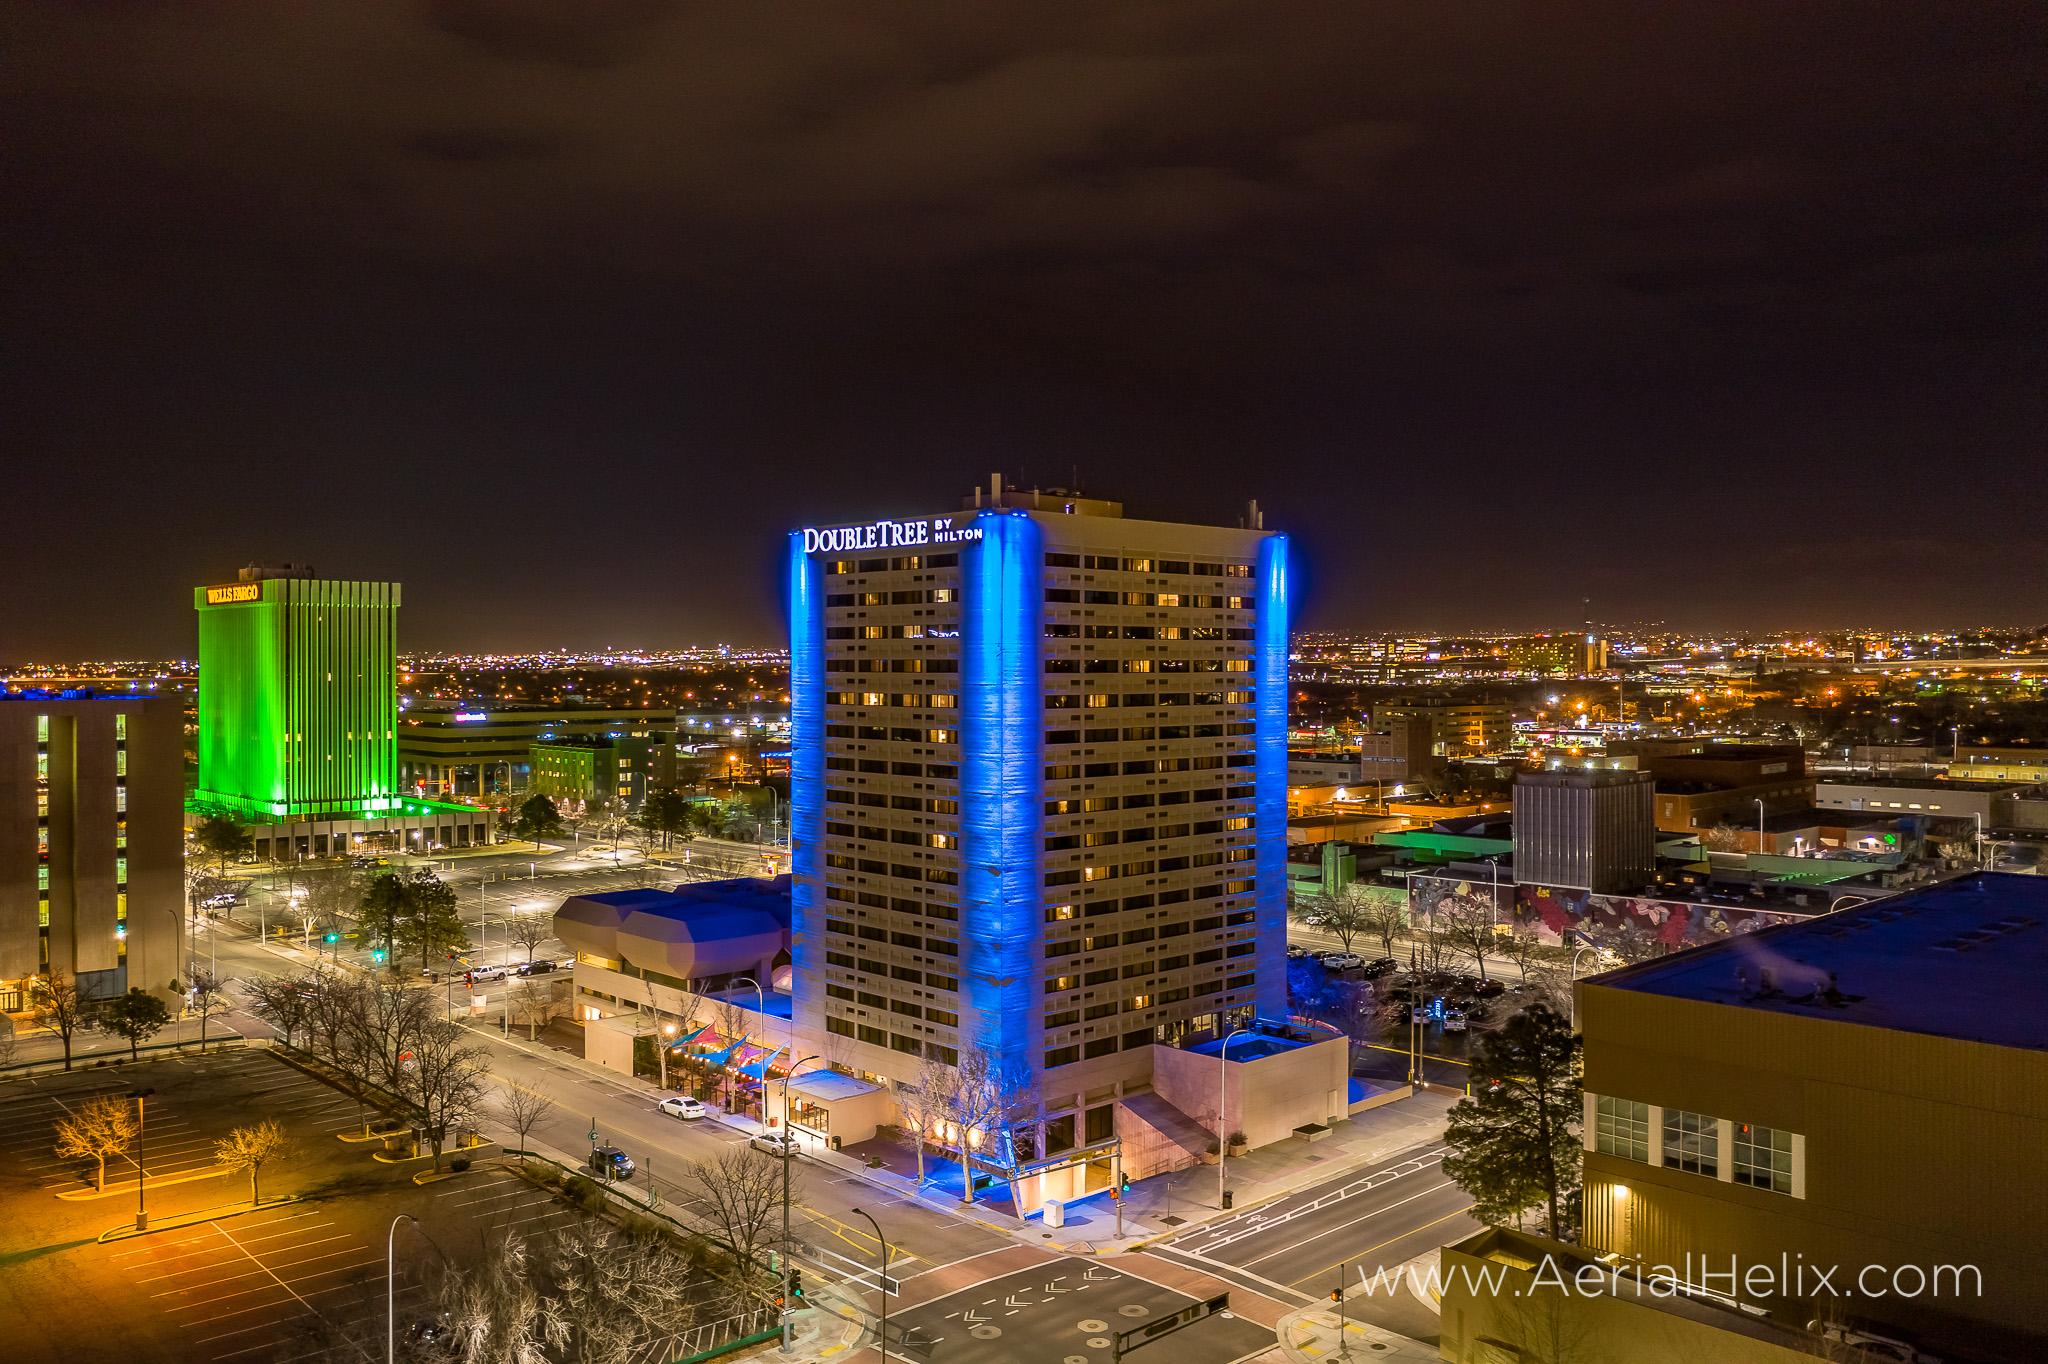 Hilton Doubletree Albuquerque small-182.jpg